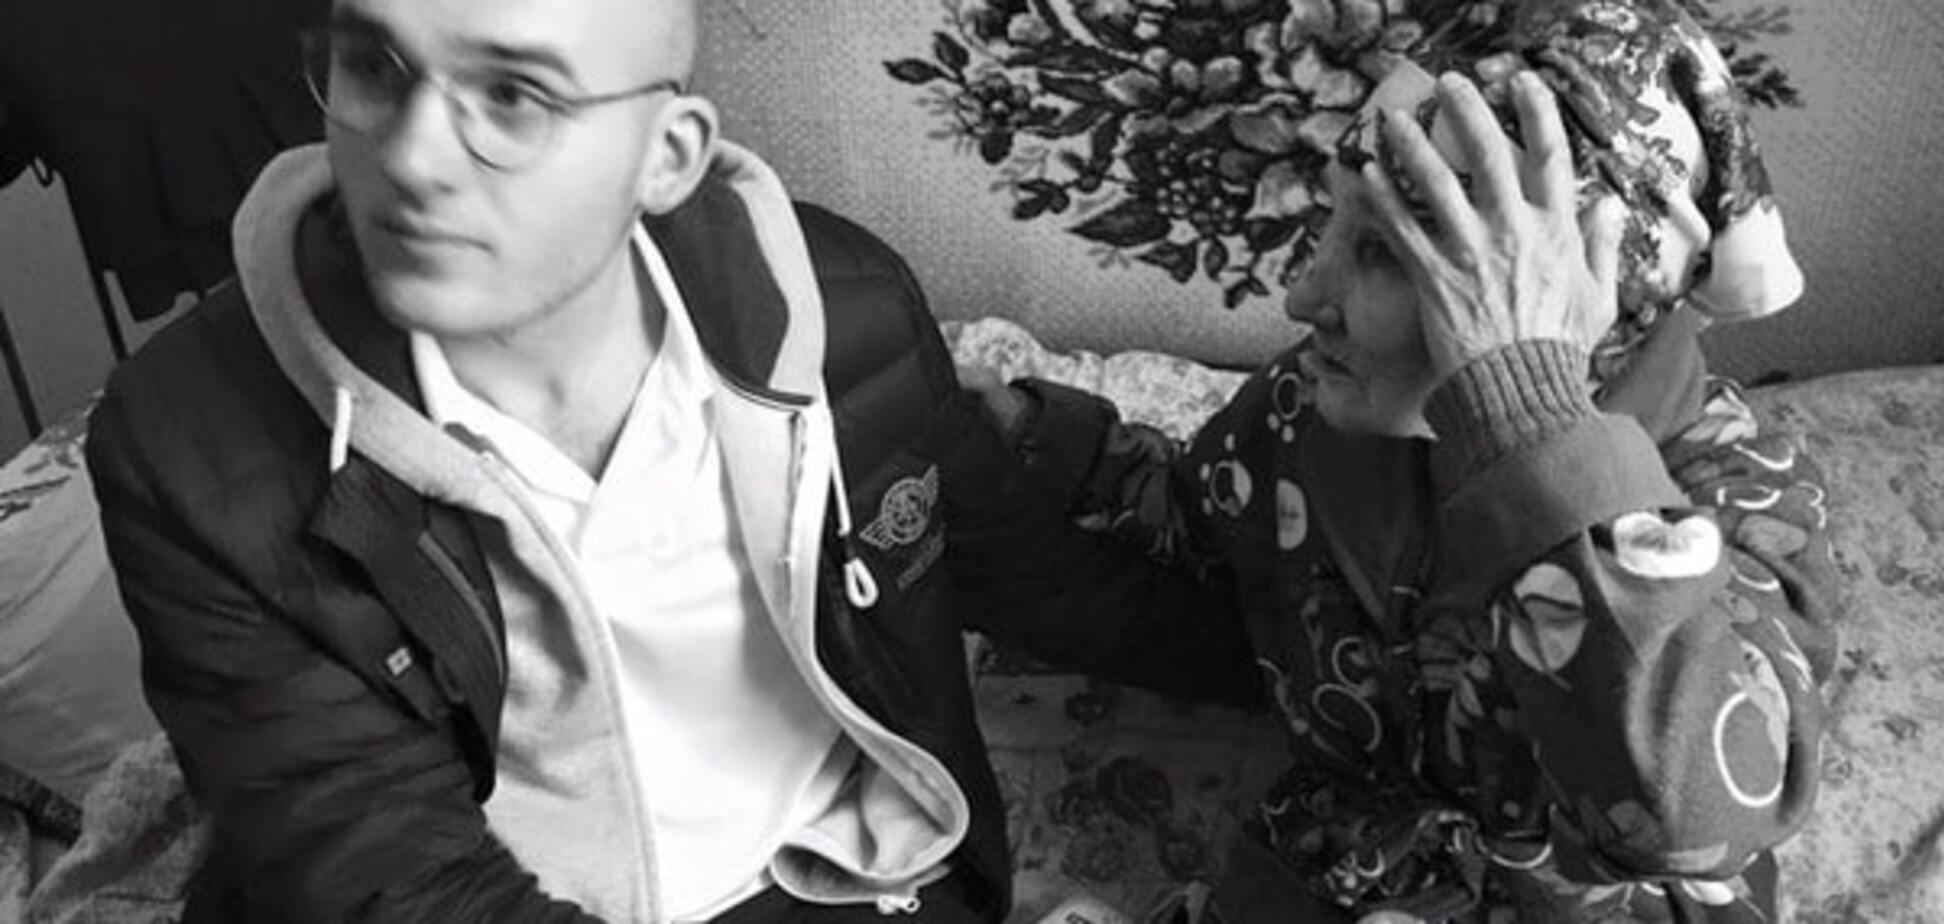 Дивовижна історія знаходження: шведський школяр знайшов свою українську бабусю в будинку для літніх людей